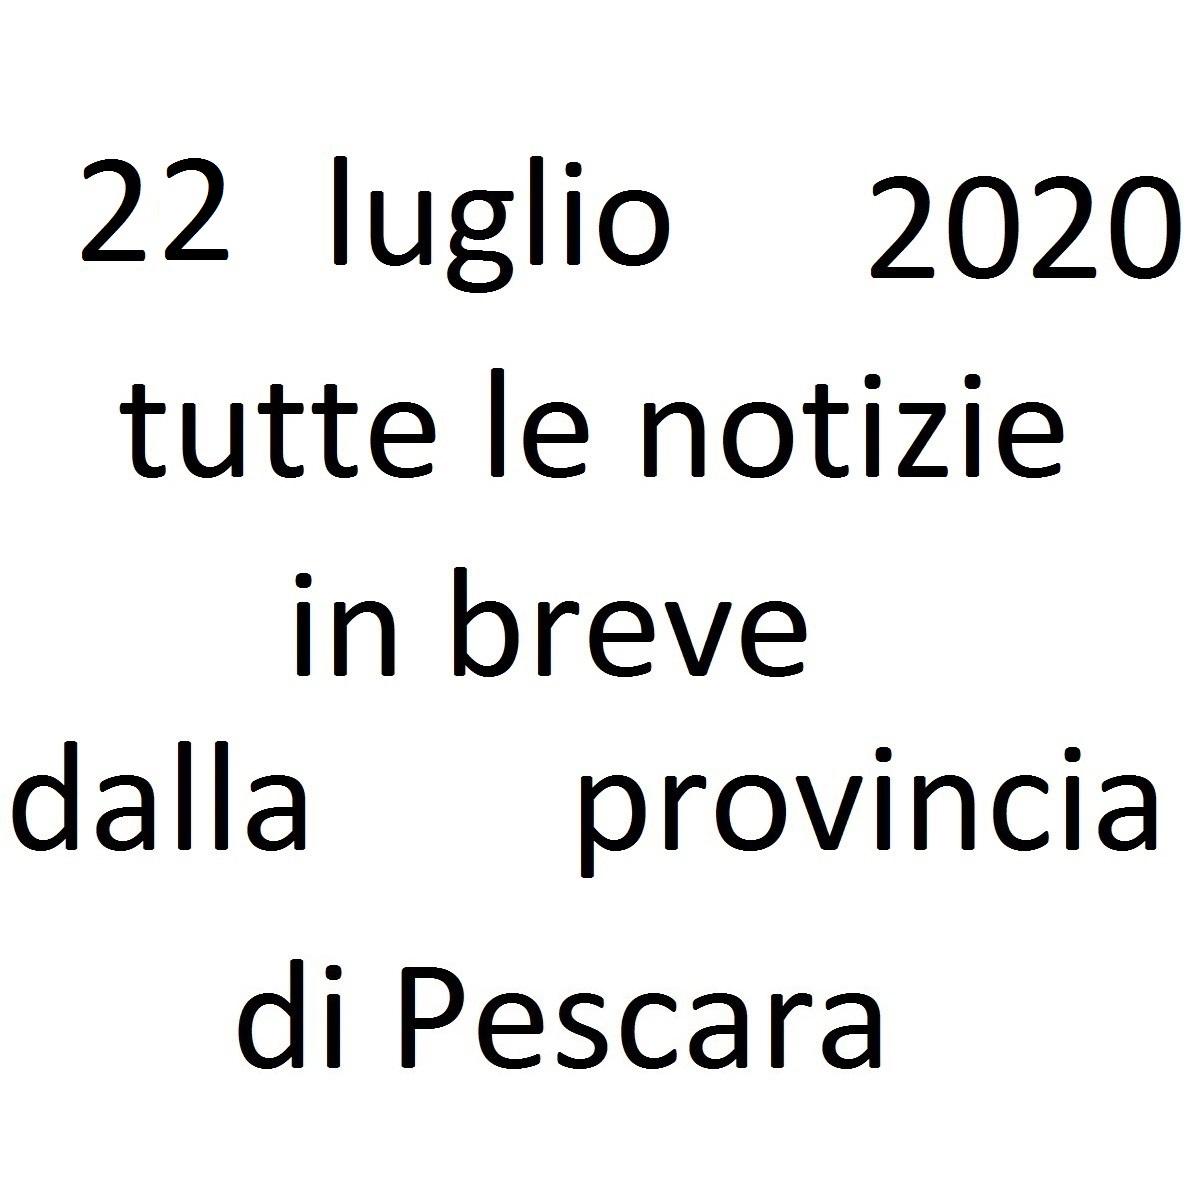 22 luglio 2020 notizie in breve dalla Provincia di Pescara foto